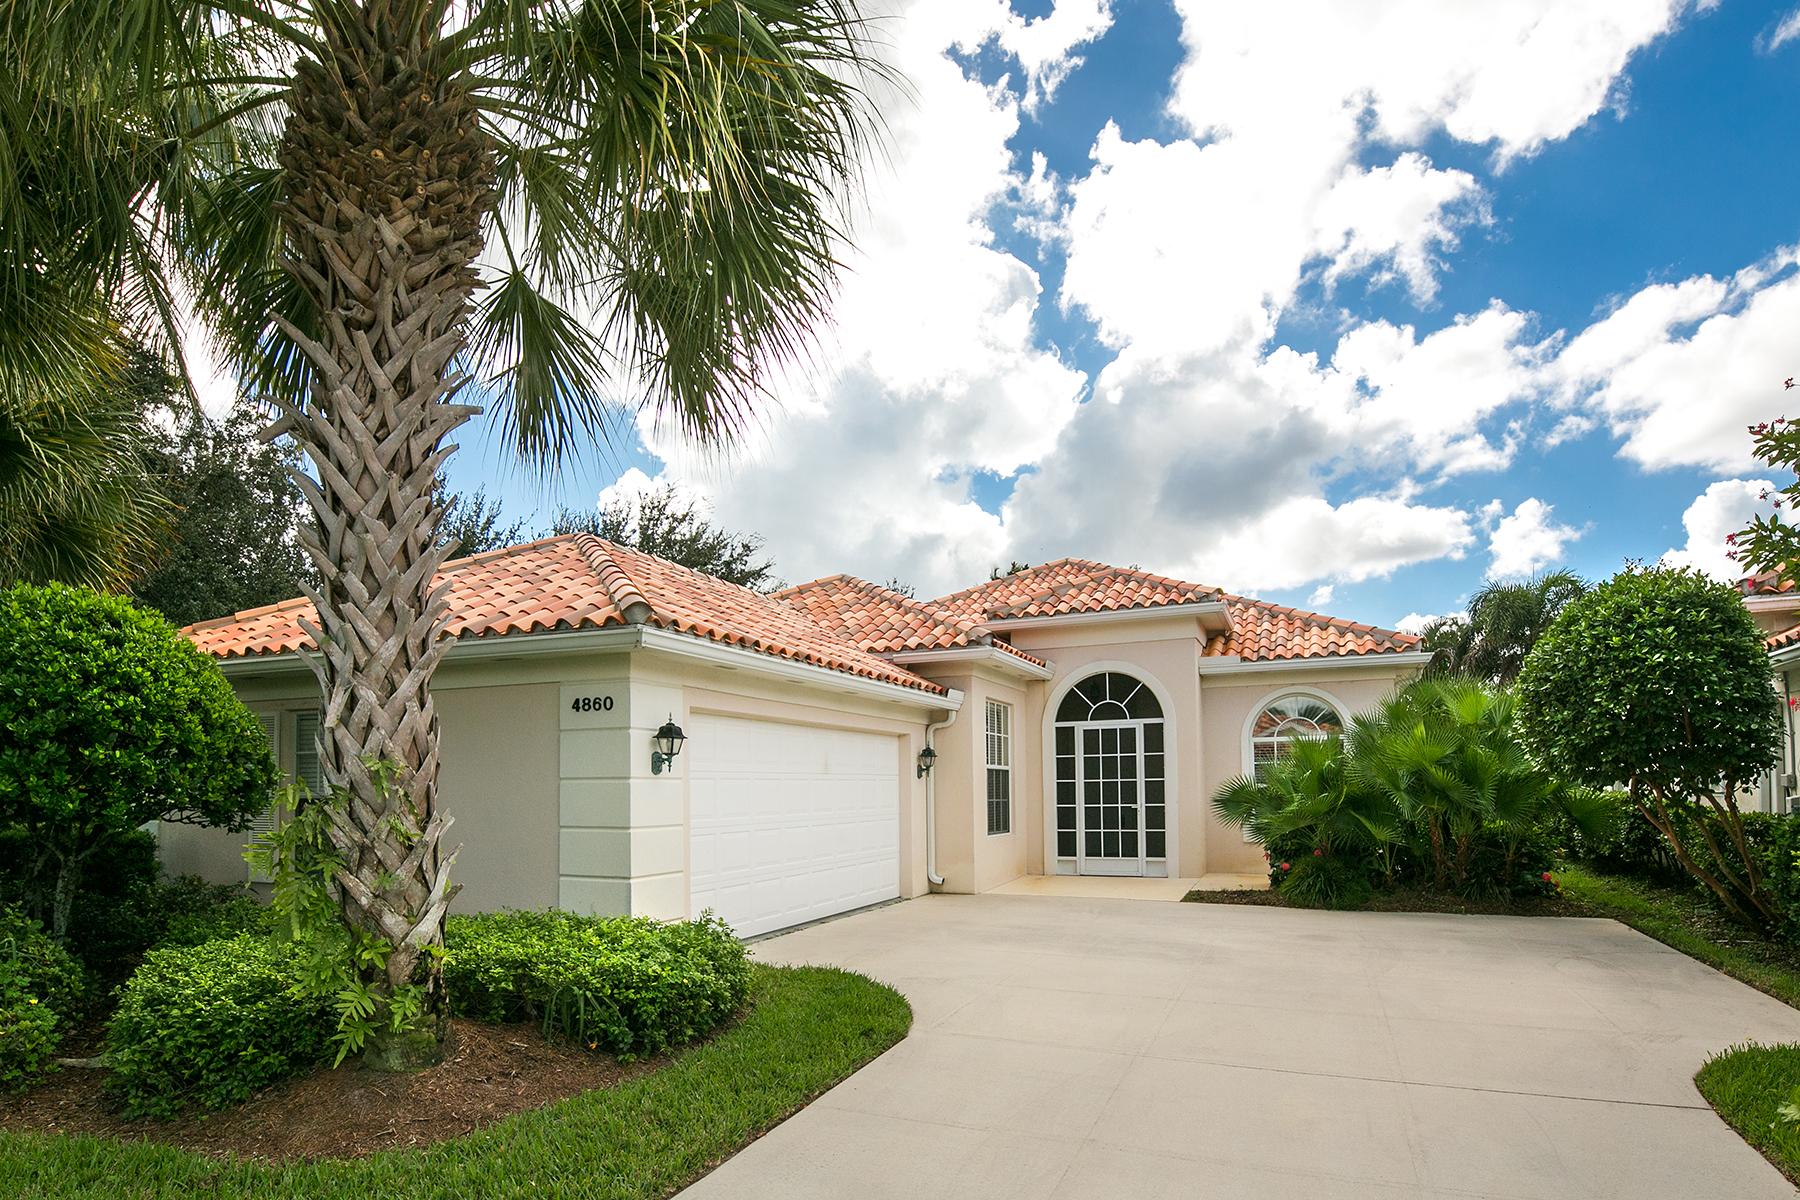 一戸建て のために 売買 アット VILLAGE WALK 4860 San Pablo Ct Naples, フロリダ, 34109 アメリカ合衆国